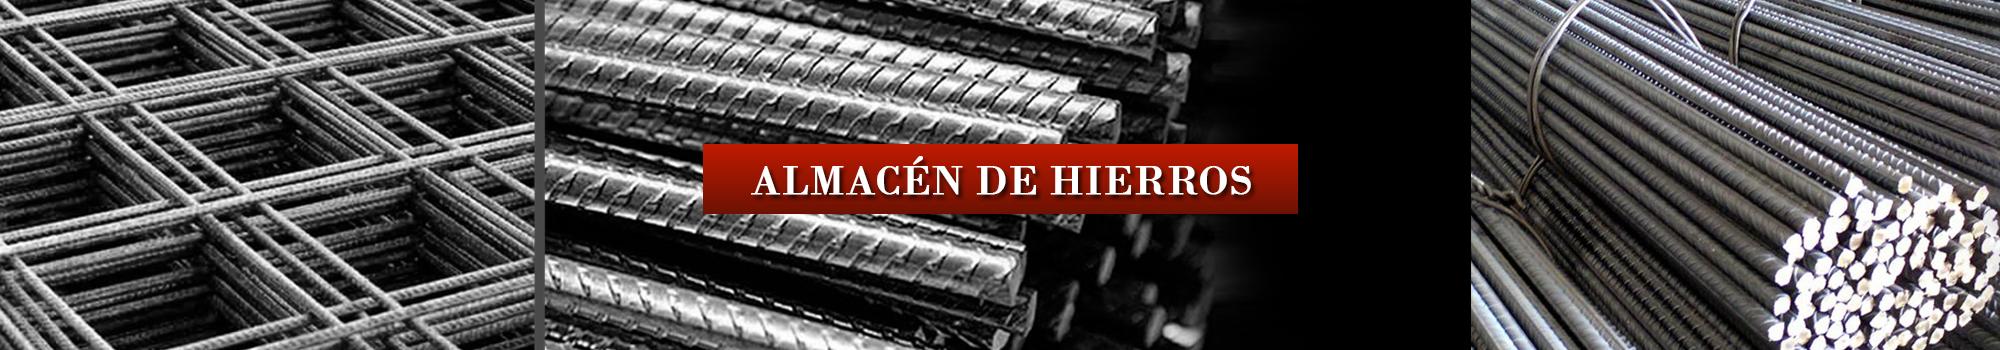 Atención al cliente Hierros Granja, Perfiles metálicos en alicante, perfiles metálicos en vega baja